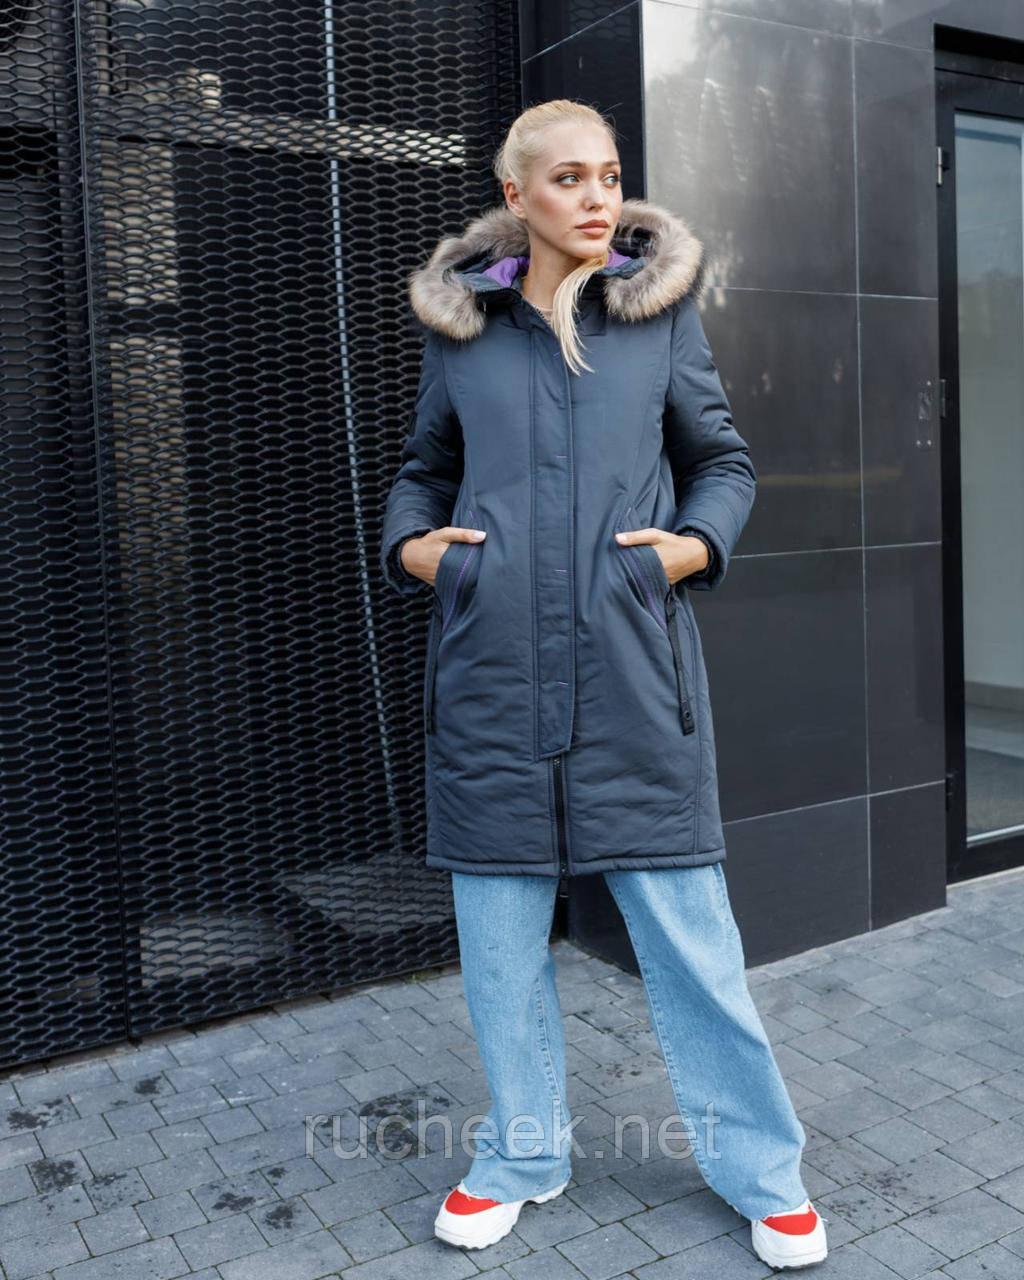 Зимняя куртка женская с мехом размер 50-52. Зимняя парка